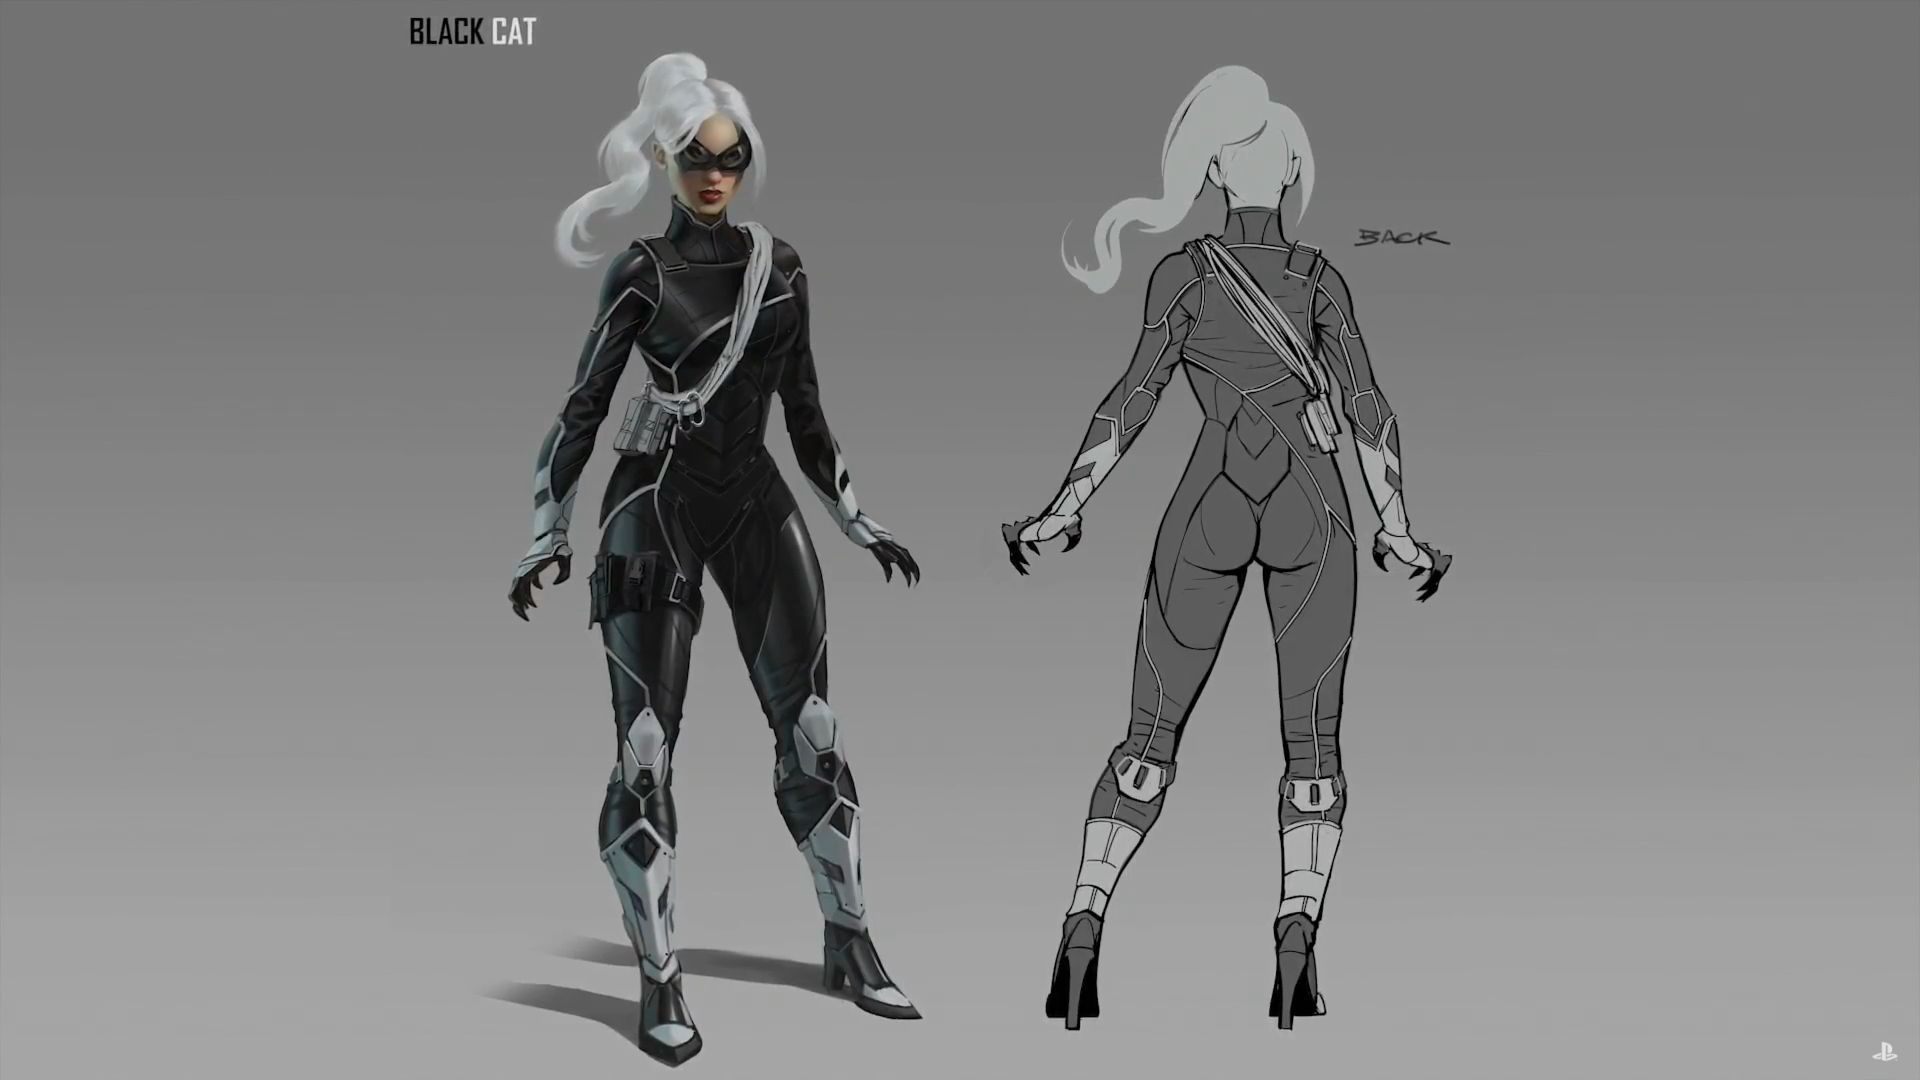 Conheça atriz de Gata Negra em Marvel's Spider-Man 1